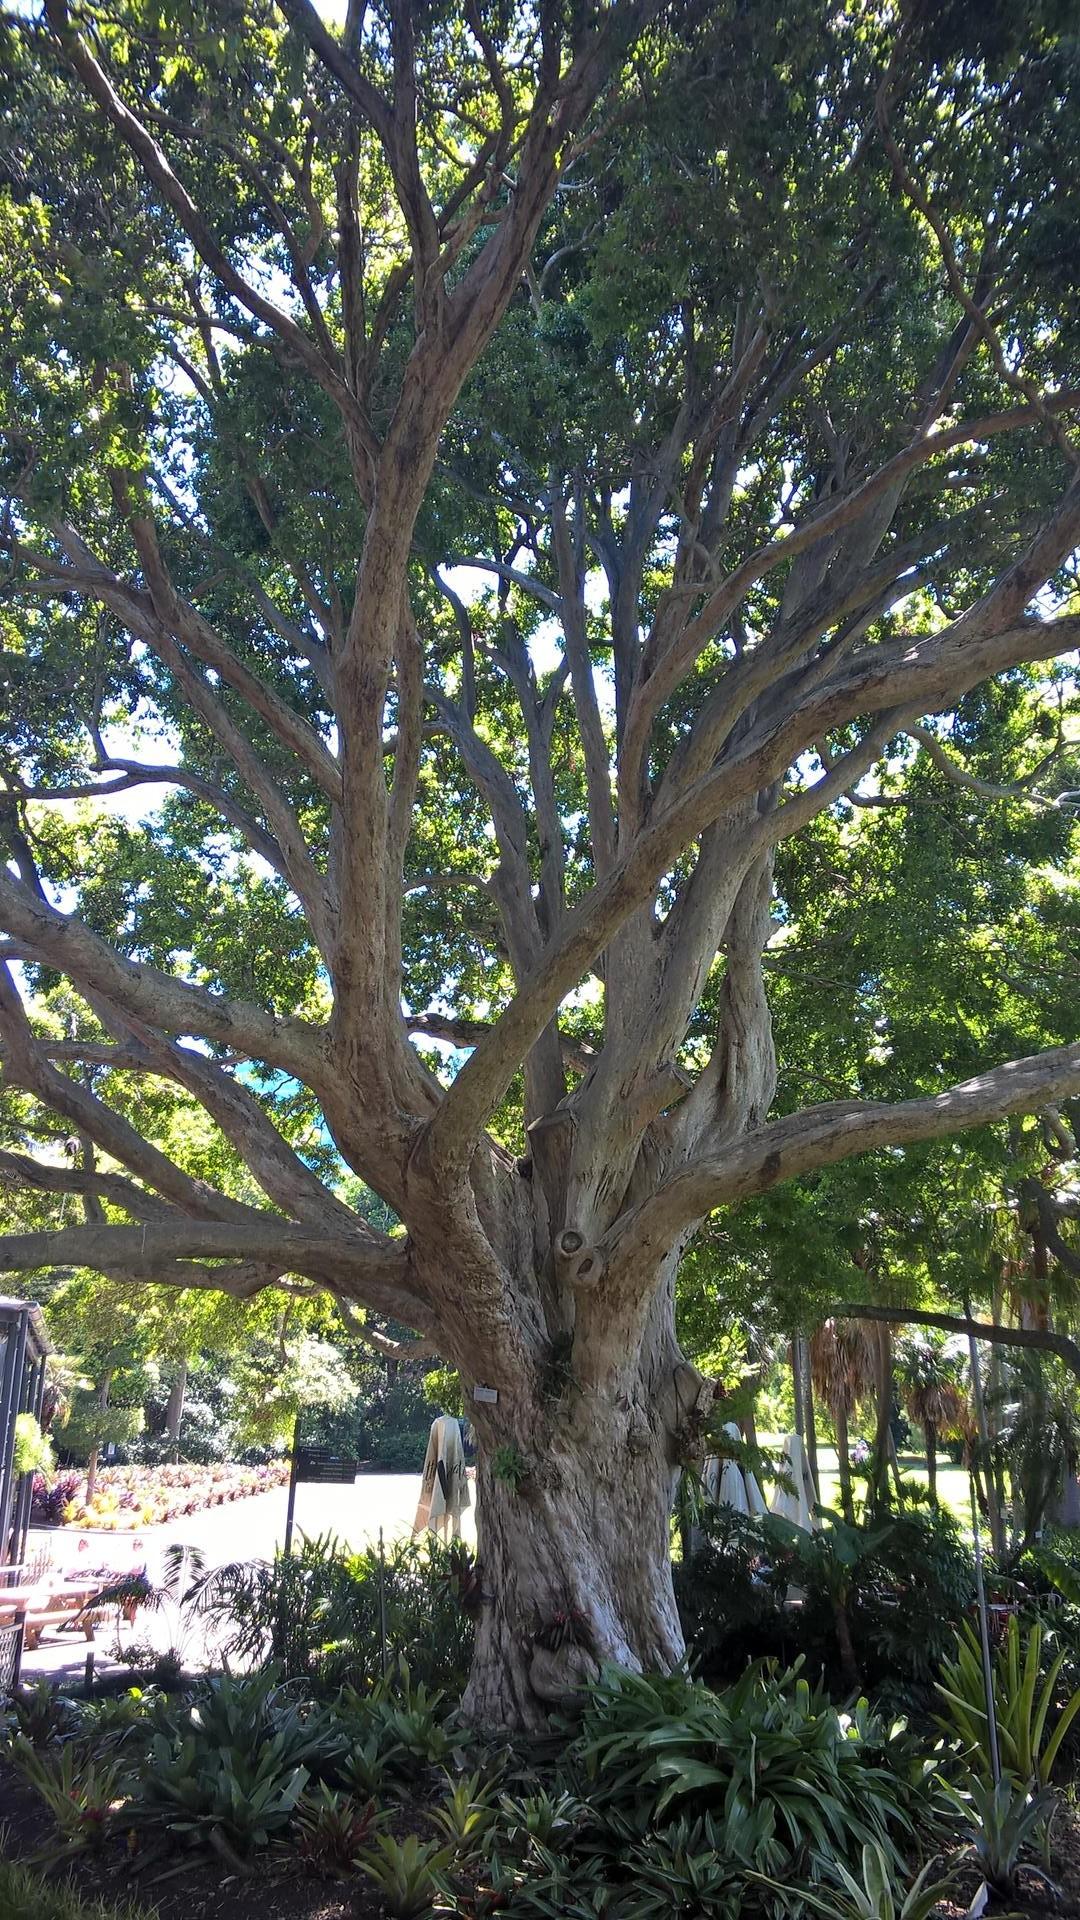 ... königlichen botanischen Garten...